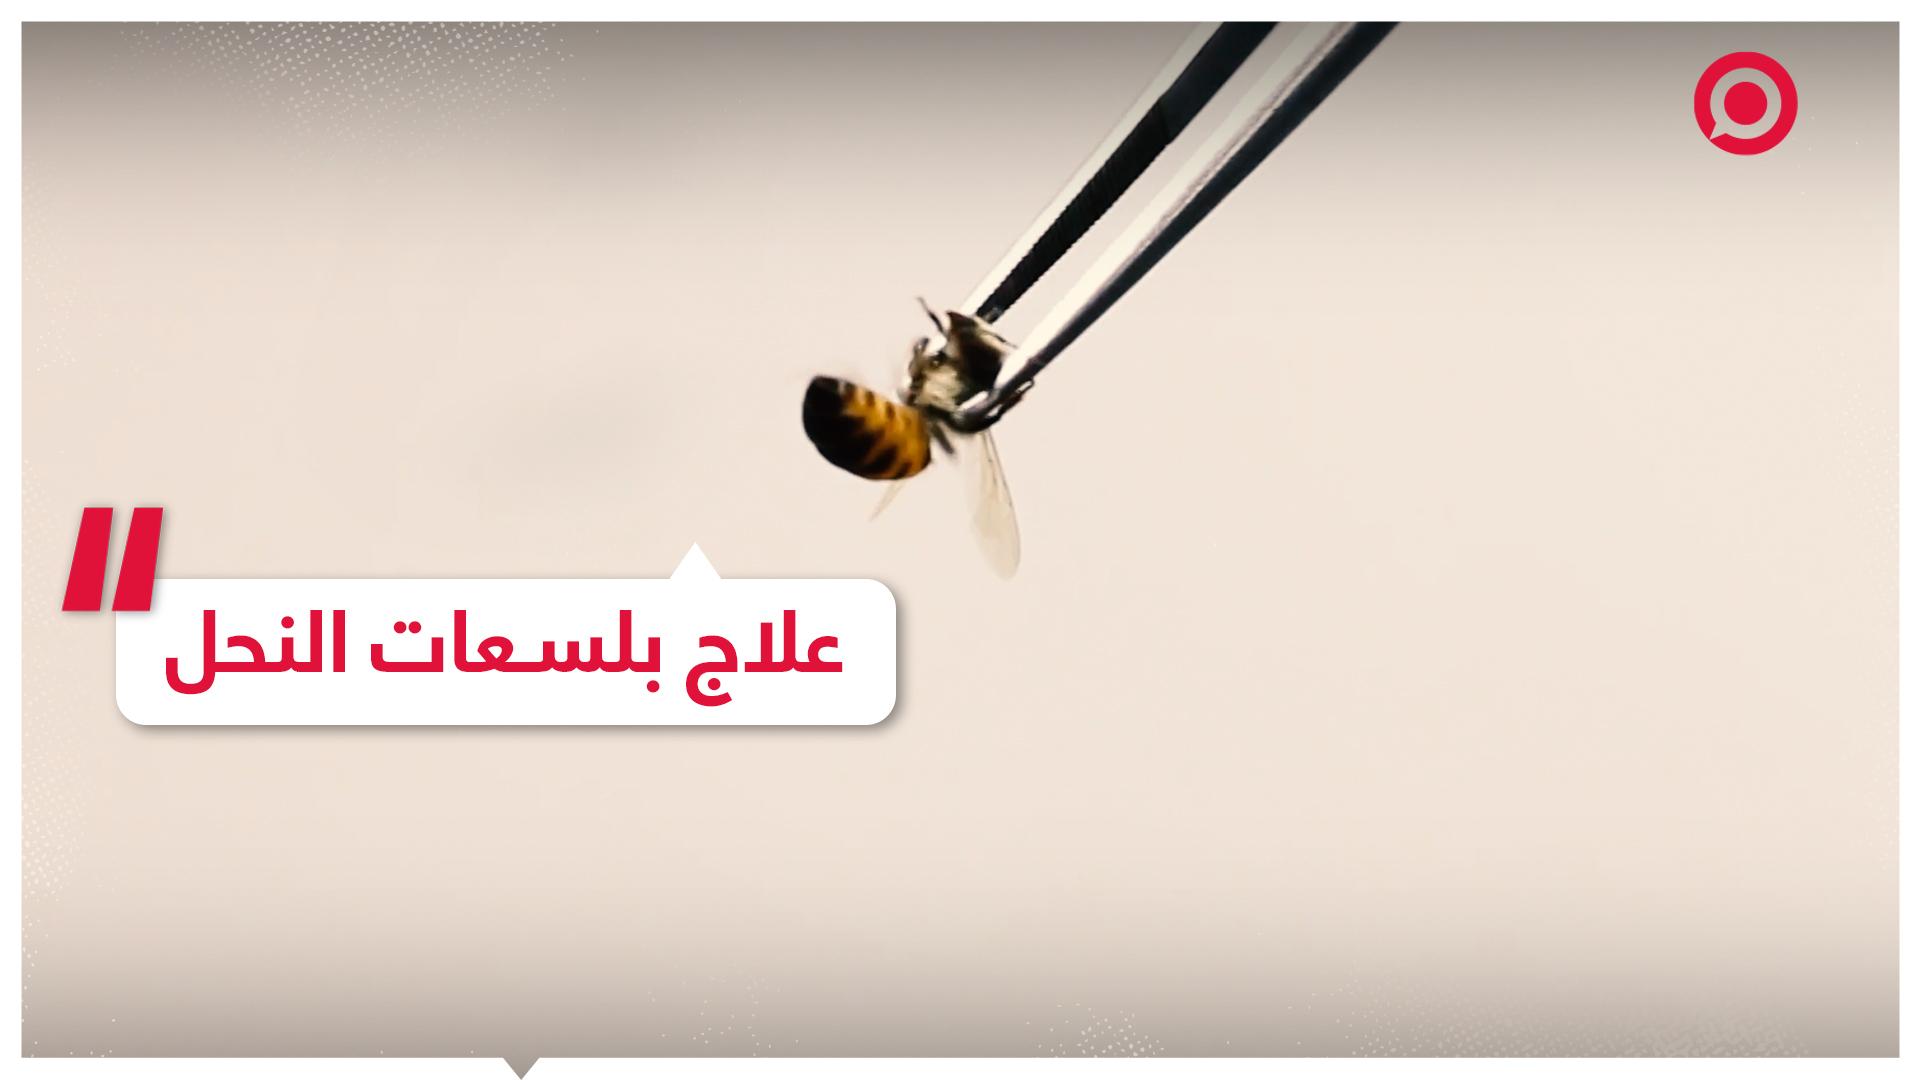 علاج بلسعات النحل